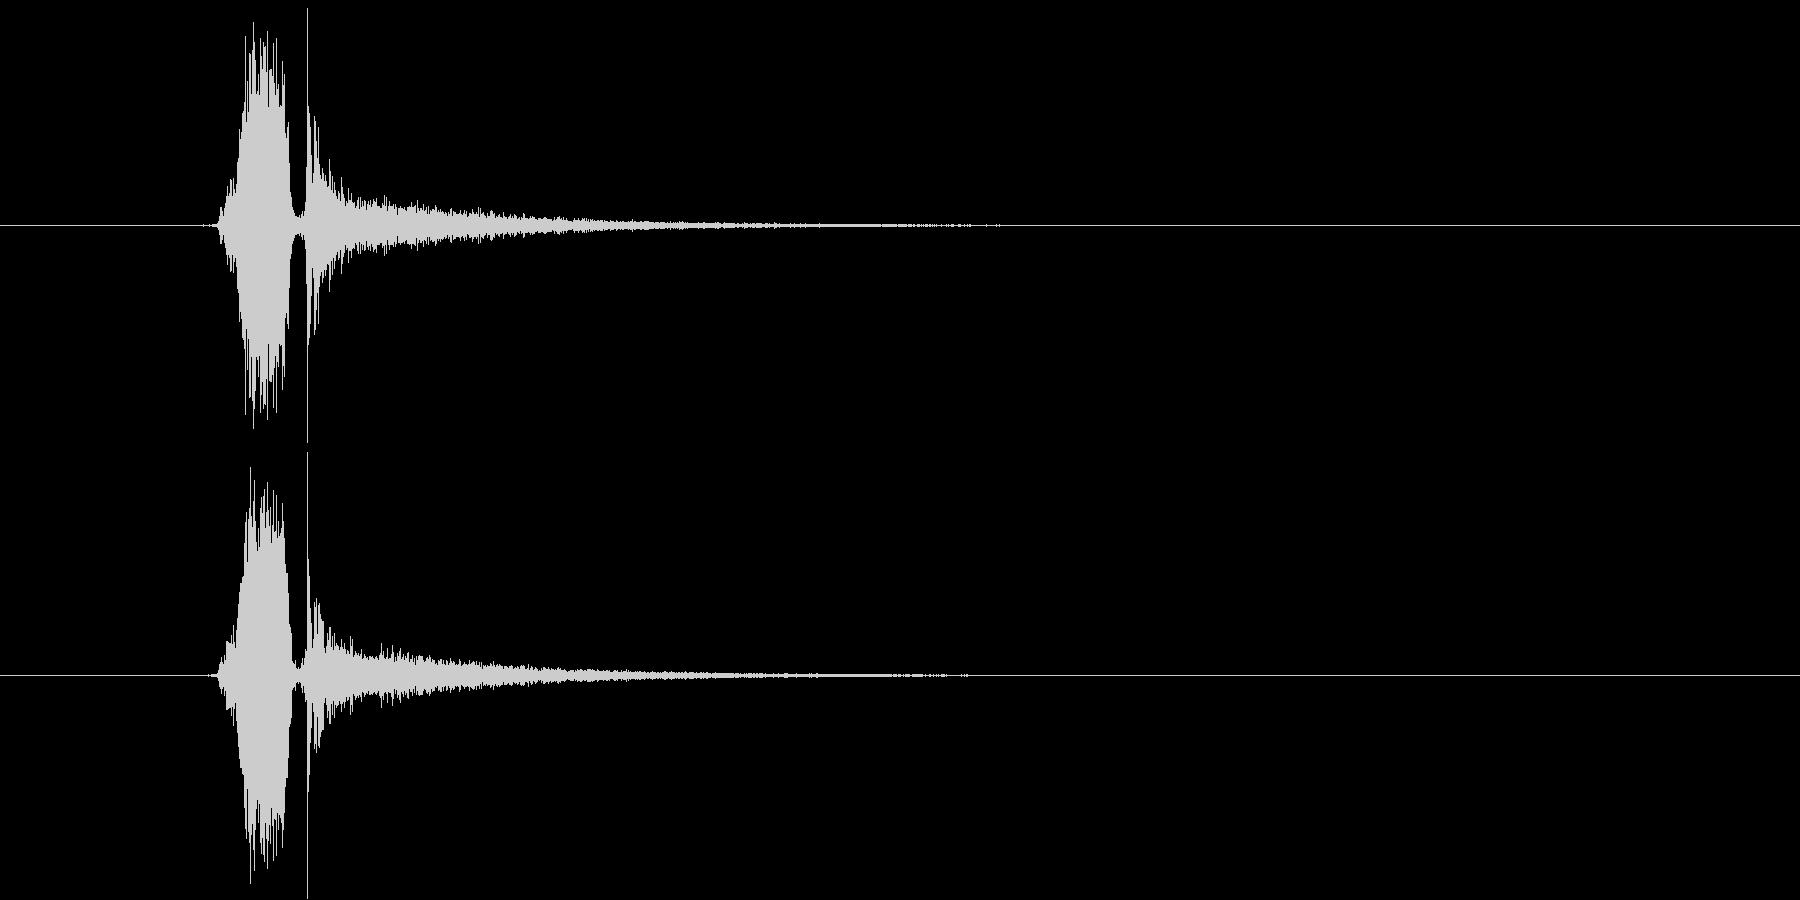 スパーン(テニス、栓抜き)の未再生の波形